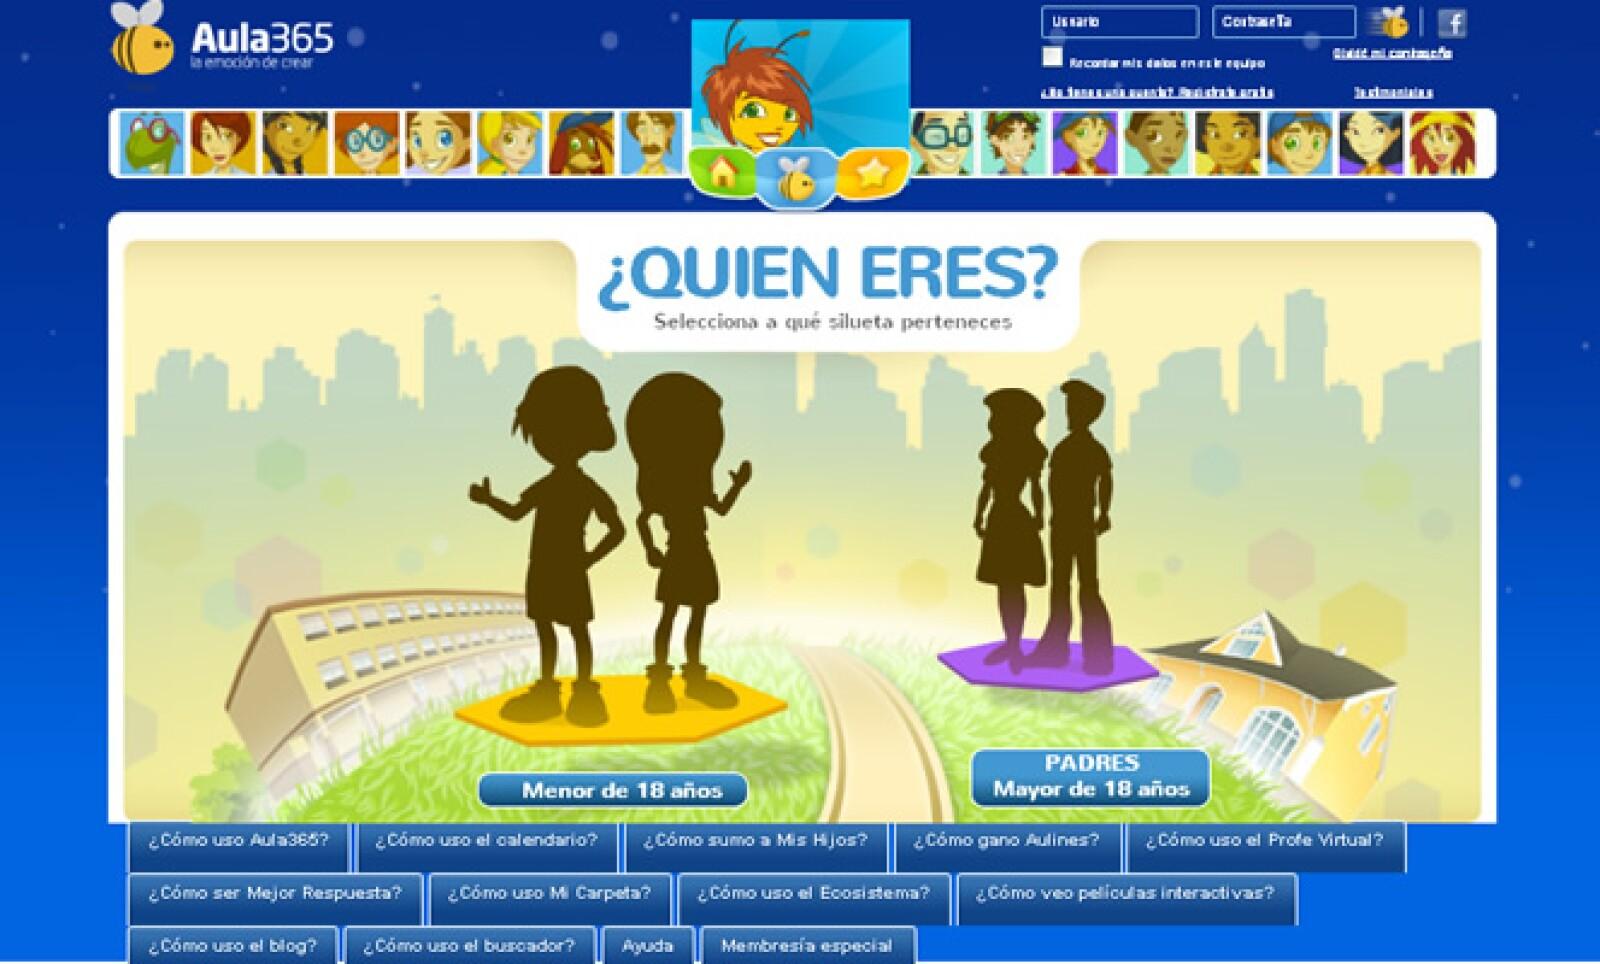 Dentro de la categoría 'Educación' se encuentra 'Aula 365', una plataforma de apoyo escolar para el hogar; proporciona asesorías para niños de edad preescolar hasta jóvenes de preparatoria.